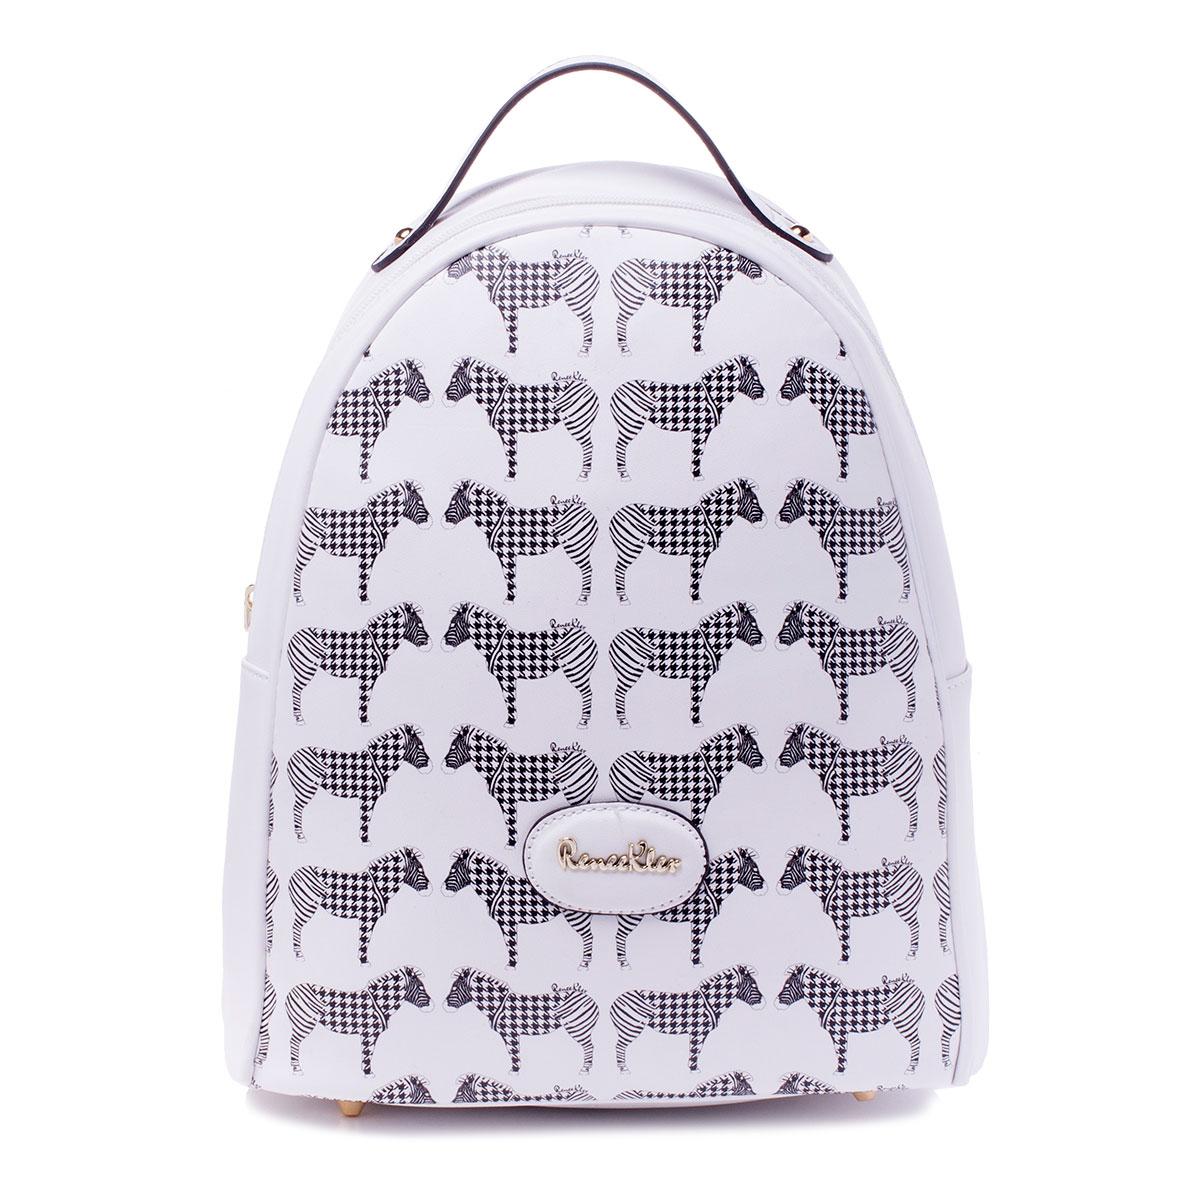 """Сумка-рюкзак женская """"Renee Kler"""", цвет: белый. RK487-02"""